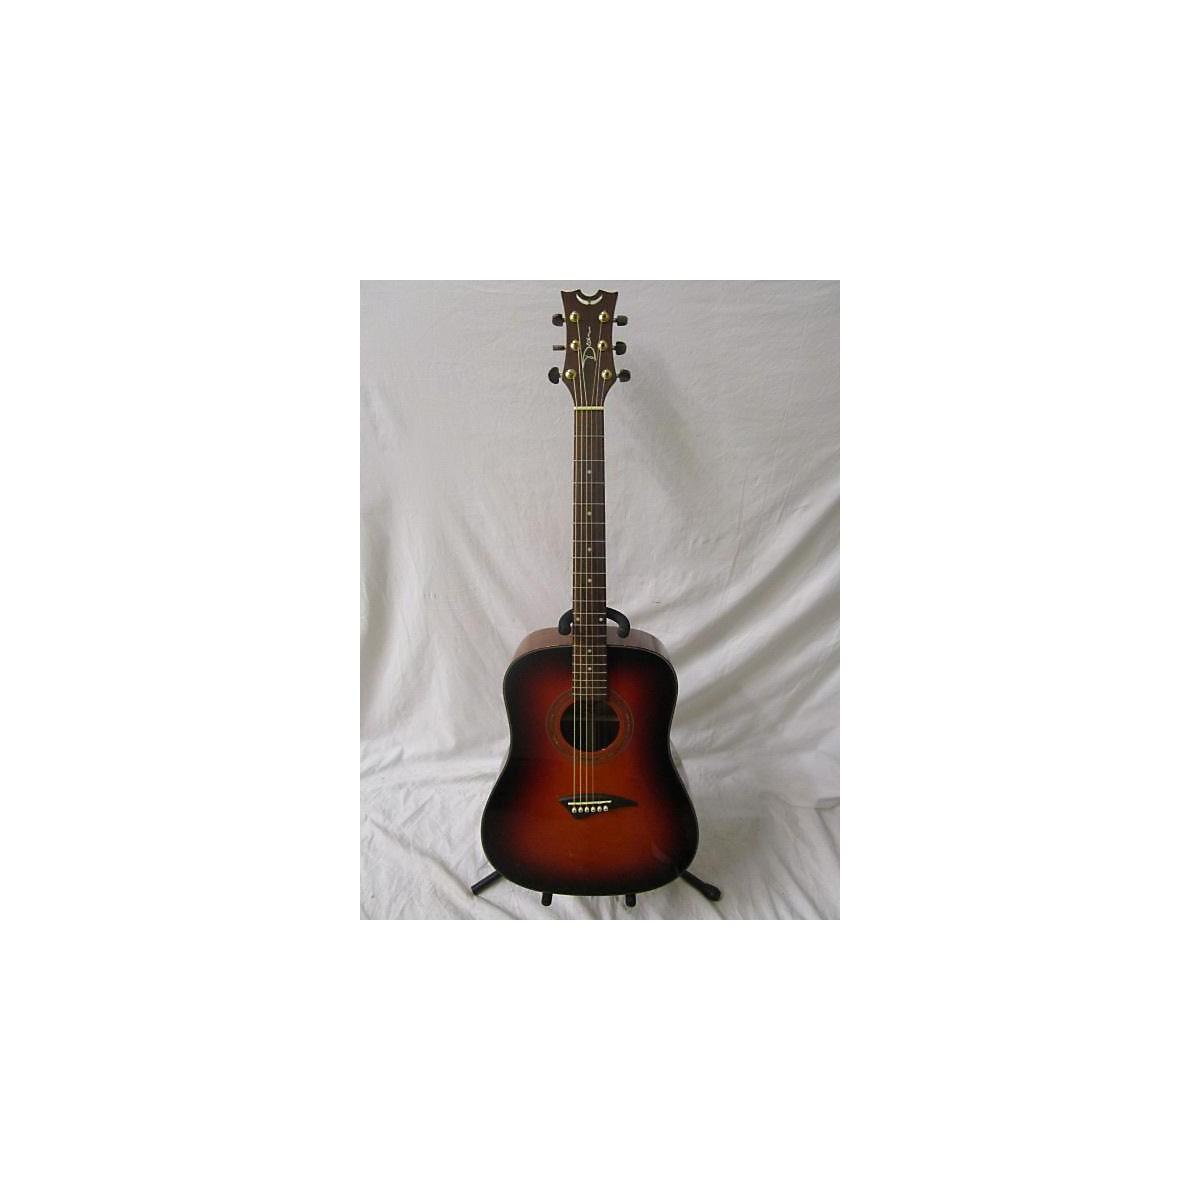 Dean TS2 VSB Acoustic Guitar